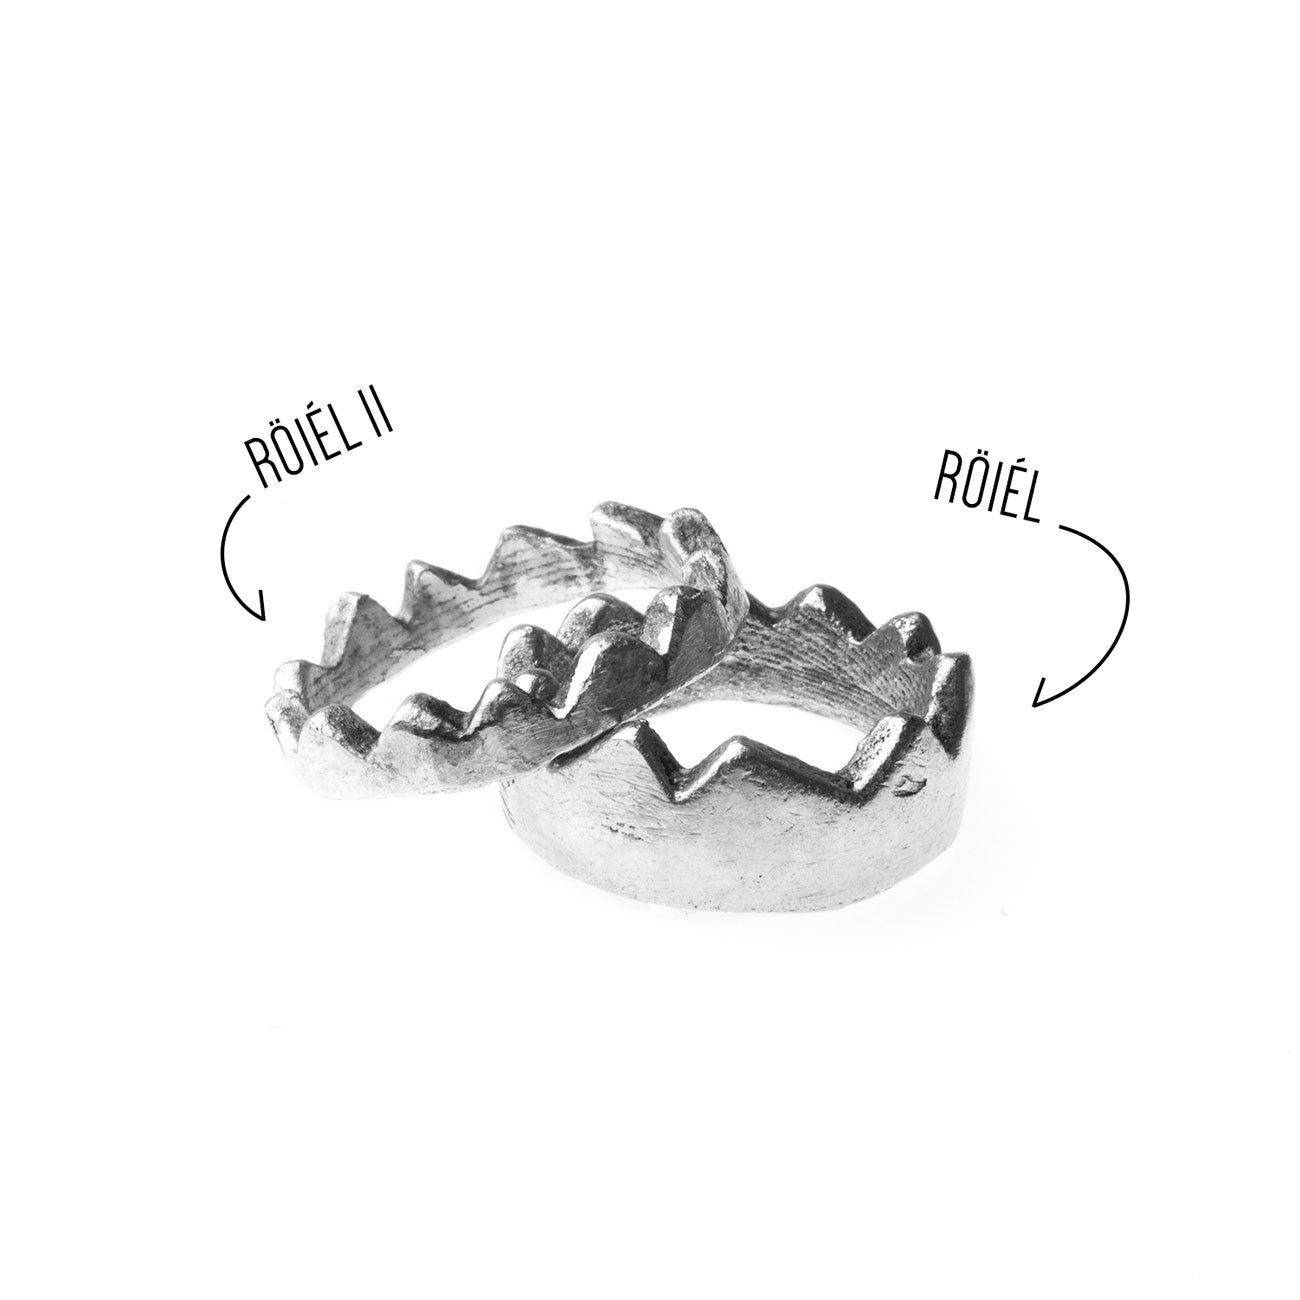 Gioiello in argento a forma di corona